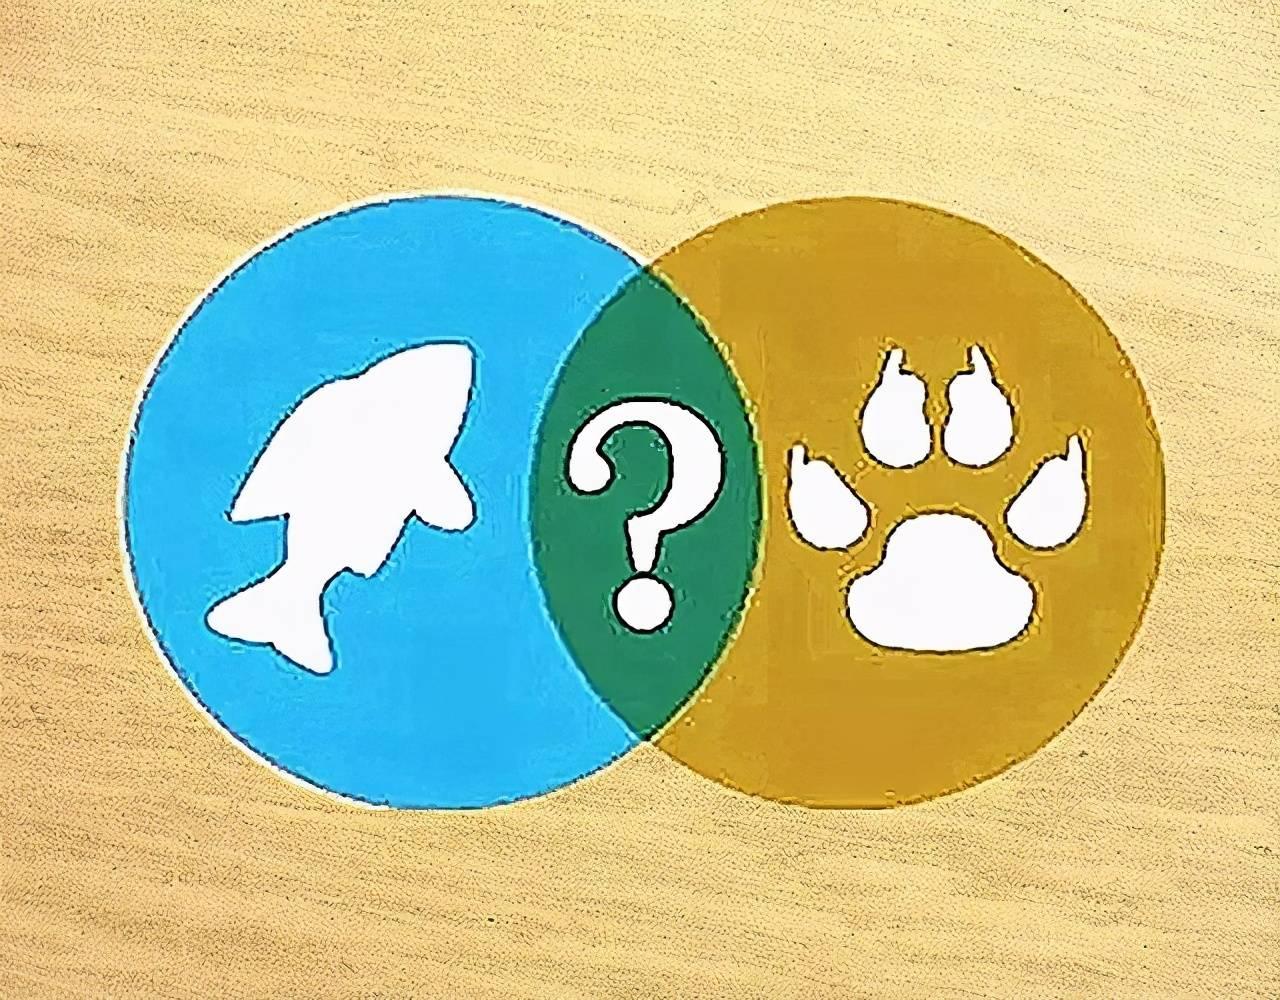 鱼和熊掌不可兼得神回复 怎么反驳鱼和熊掌不可兼得